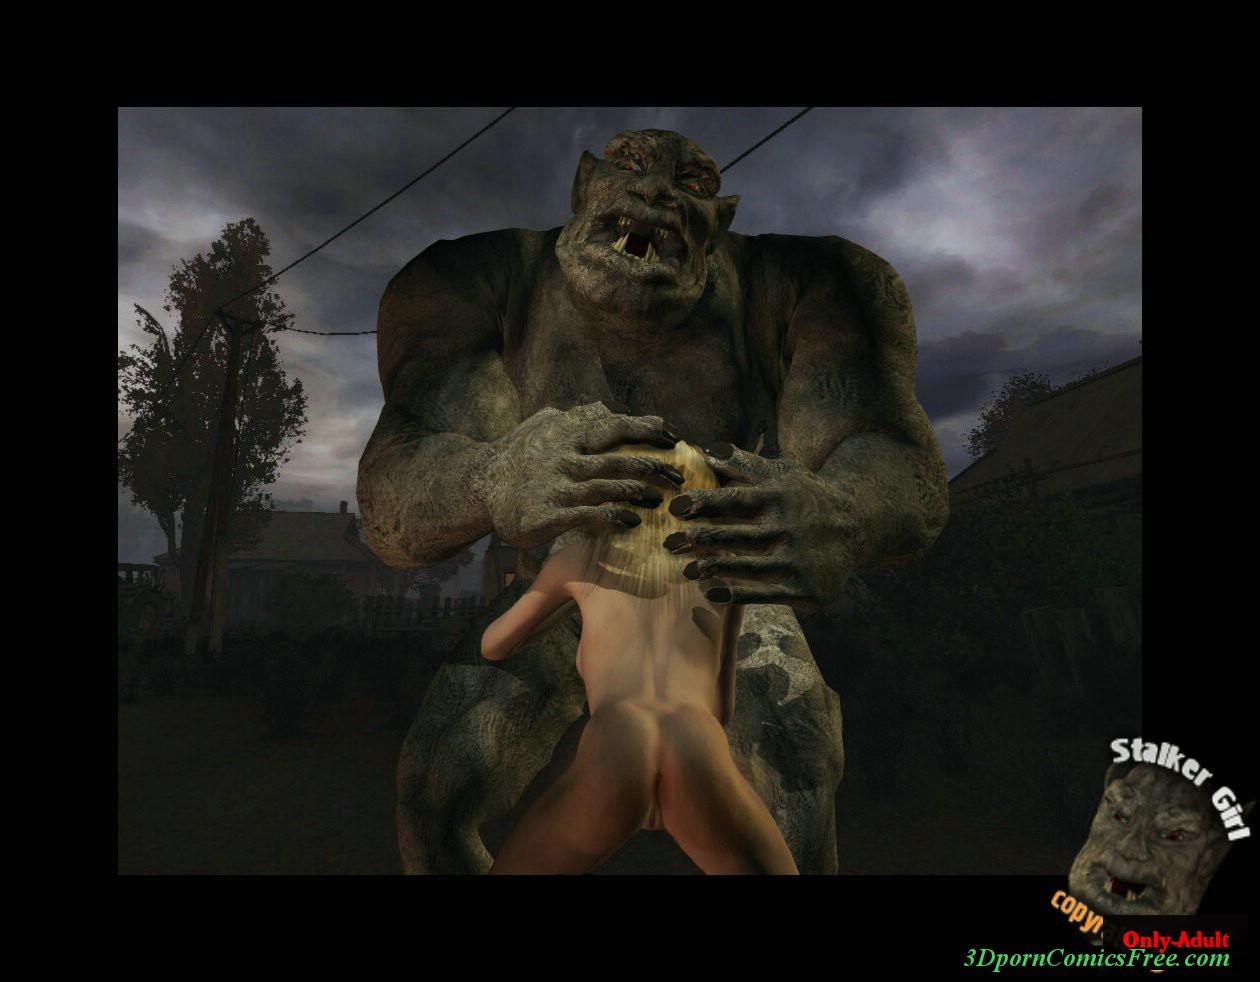 Stalker Porn